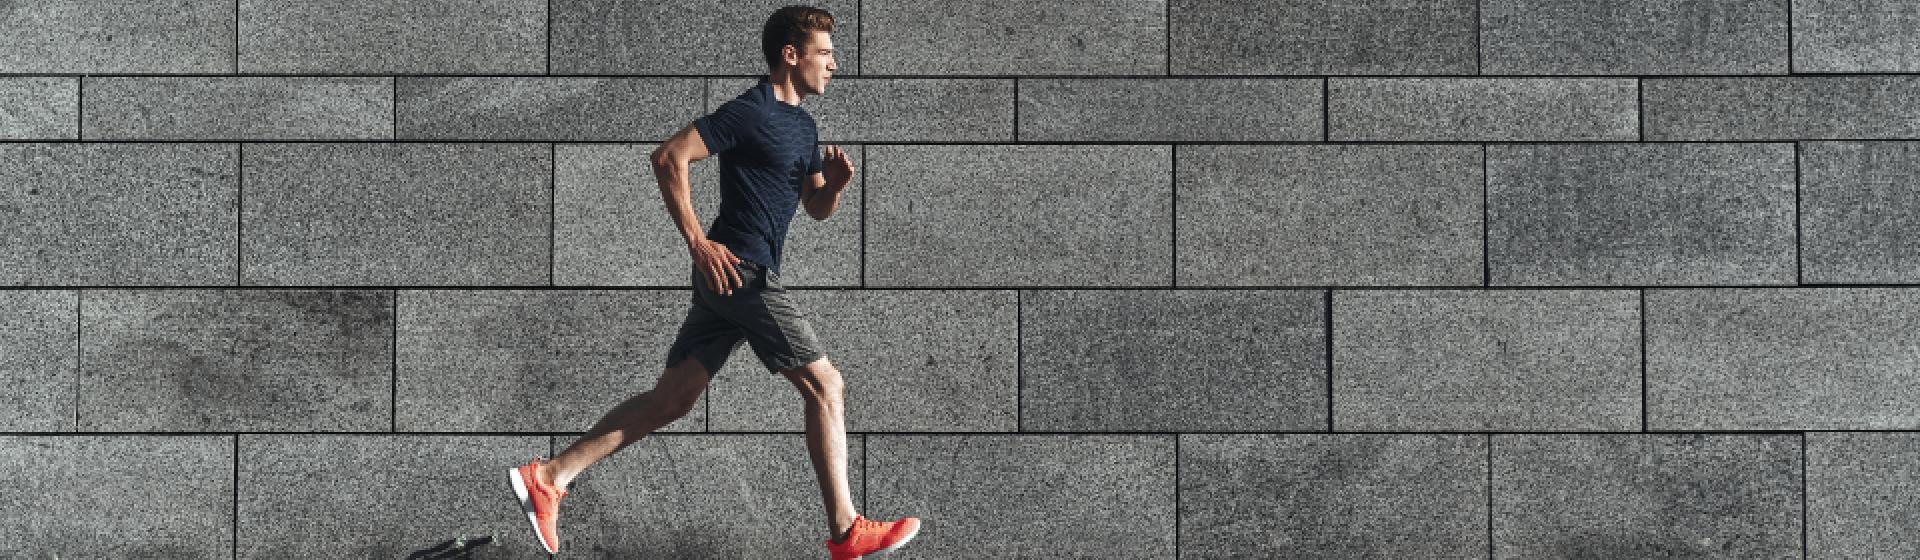 Correr na esteira ou na rua? Entenda os benefícios de cada corrida